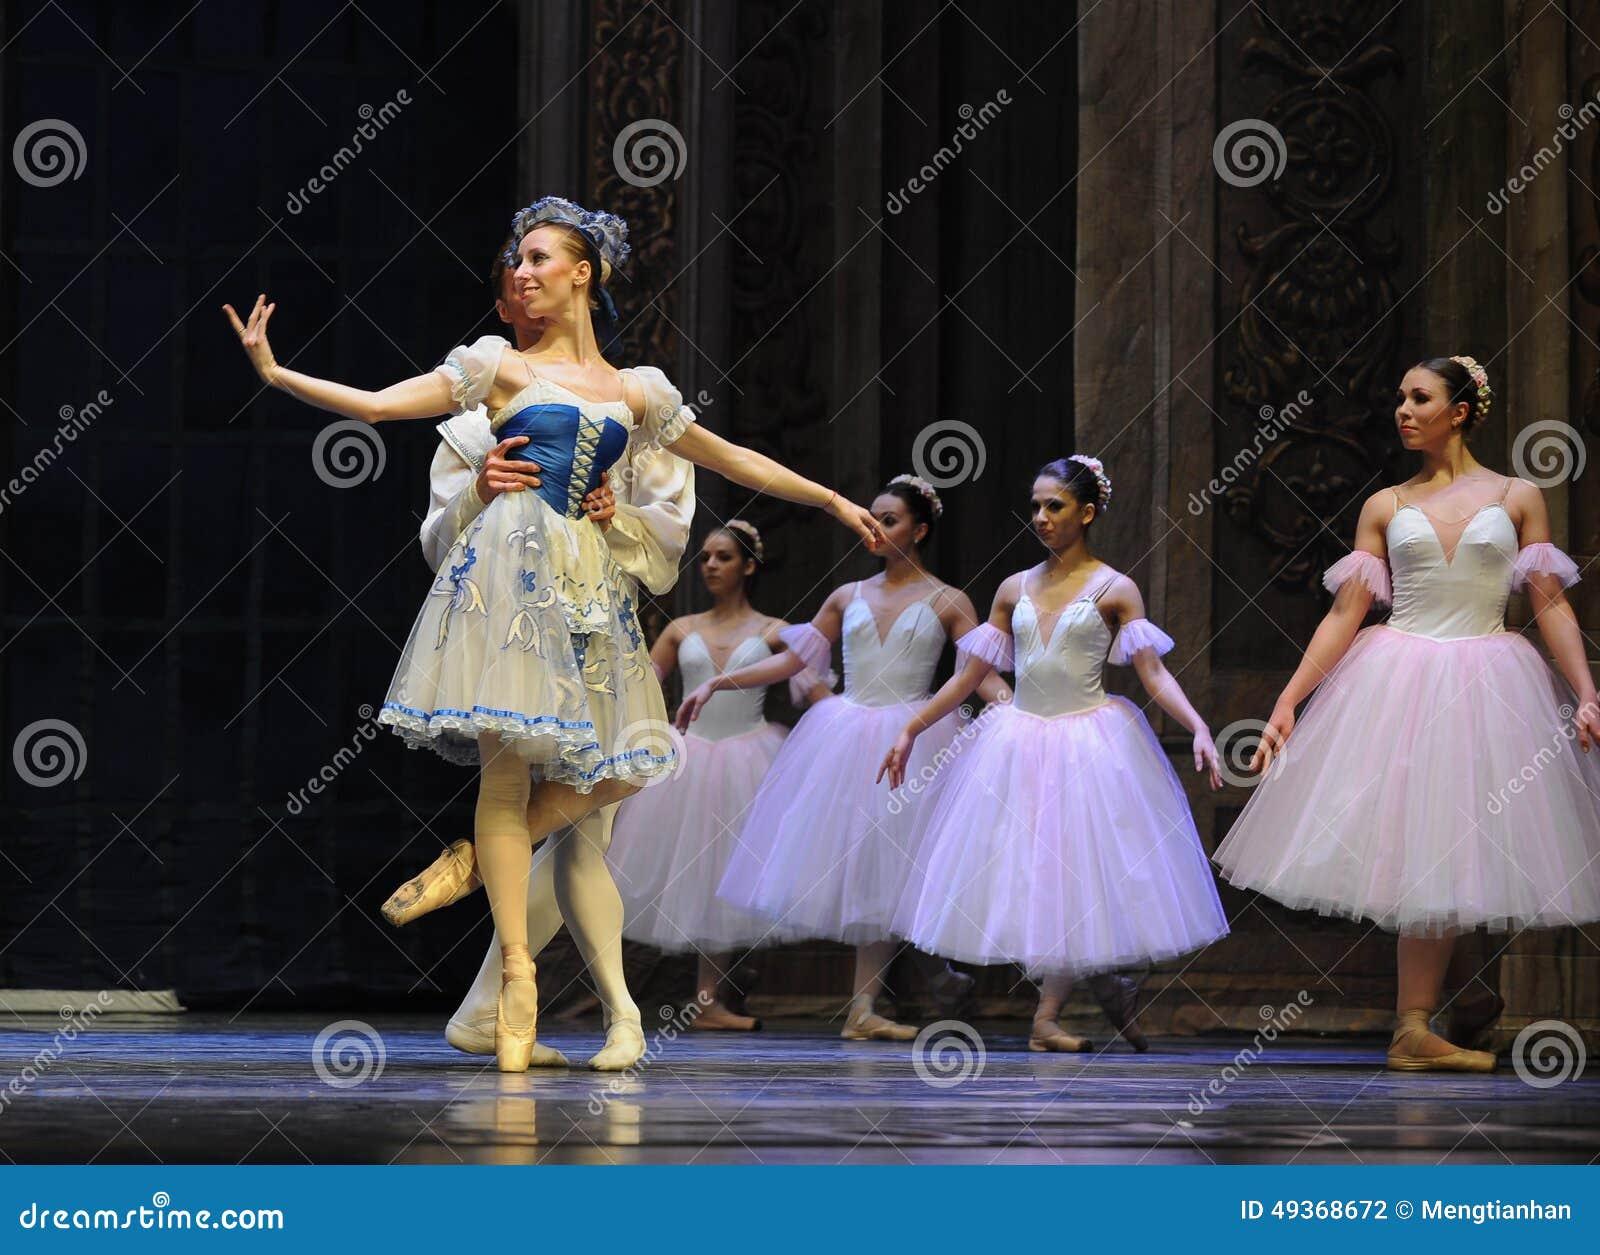 Meespelend gordijnvraag - de Balletnotekraker